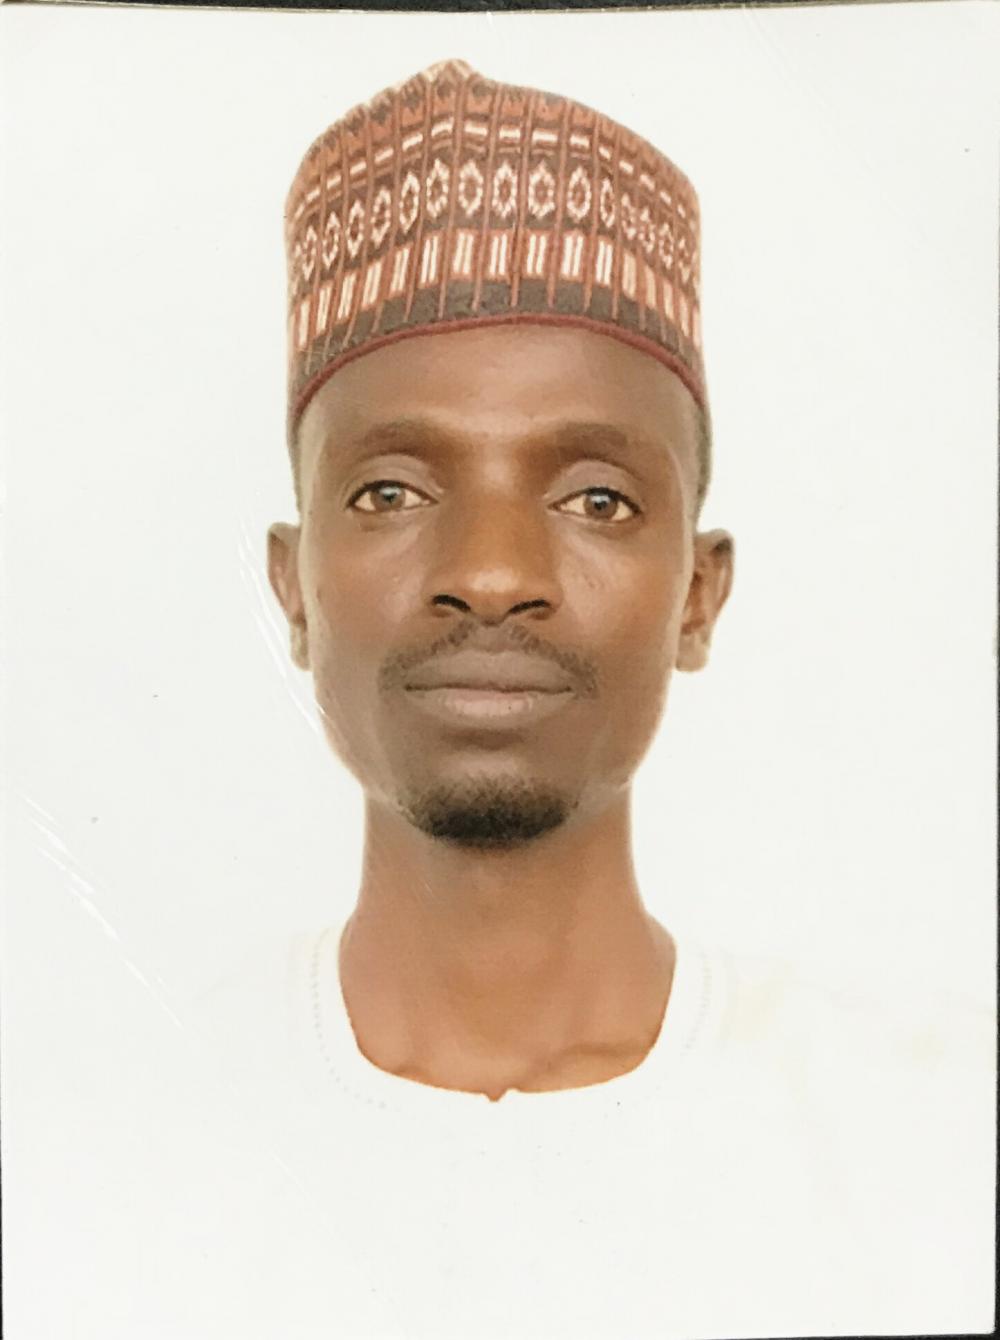 Mr Rabe Bawa Dankama image